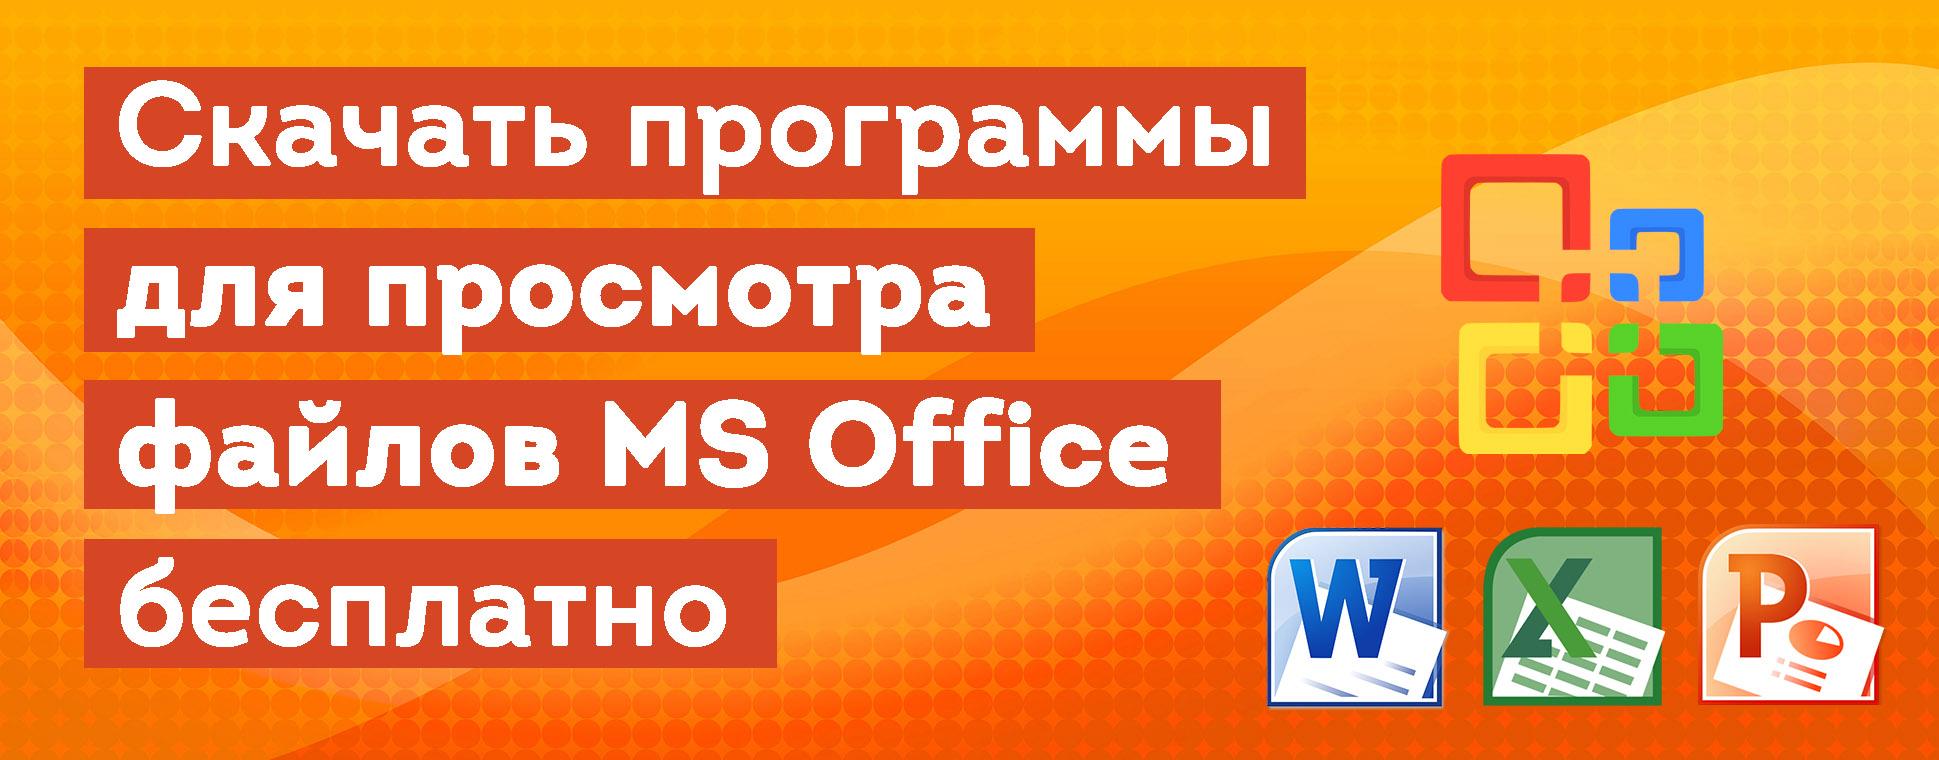 Скачать программы для просмотра файлов MS Office